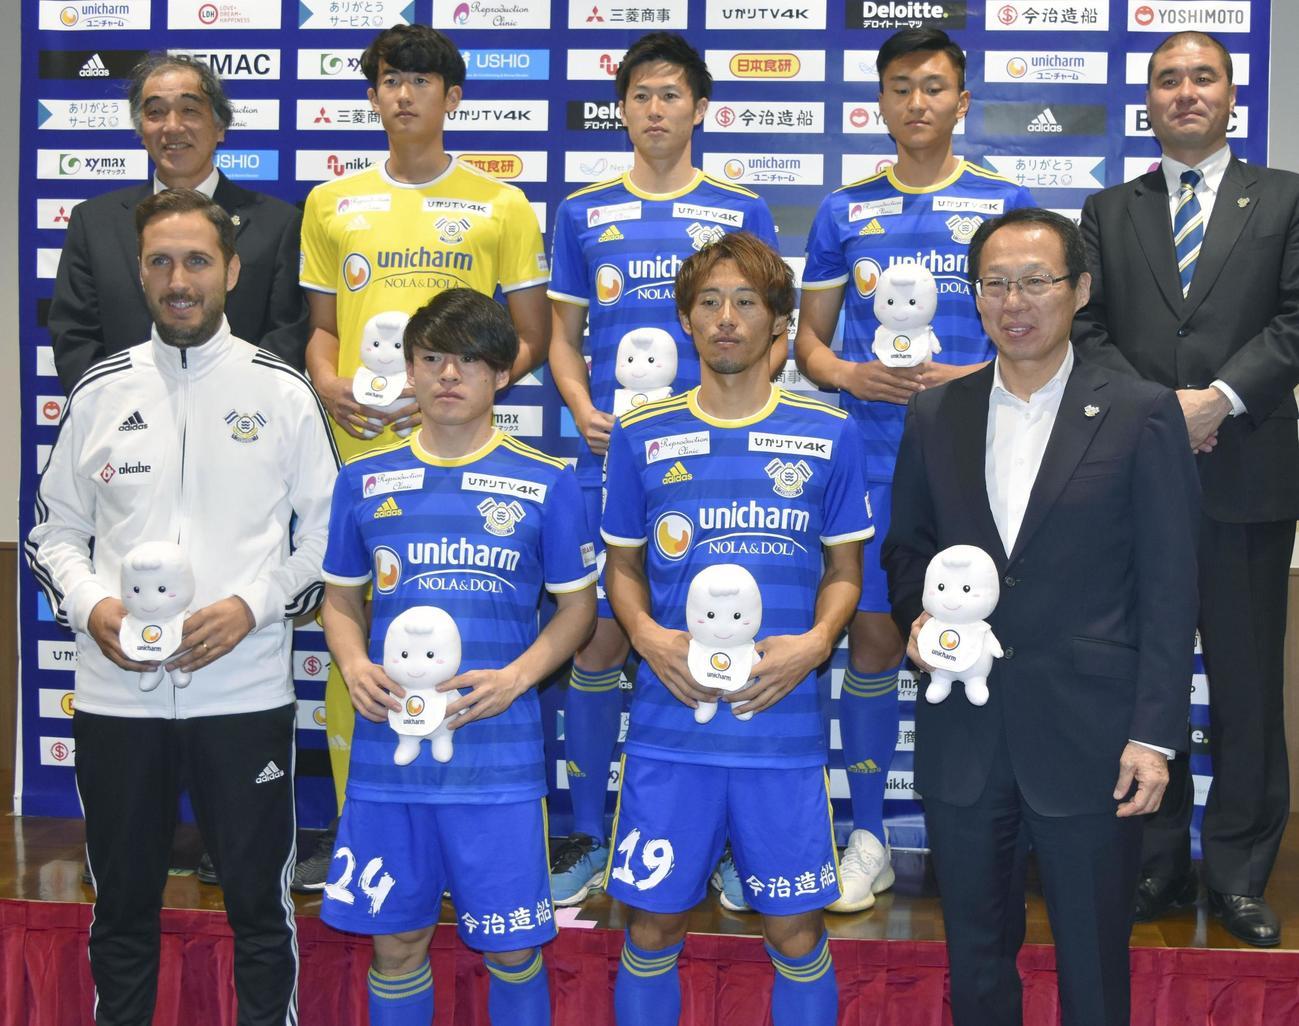 新加入選手らと並ぶFC今治の岡田武史会長(前列右端)とリュイス監督(同左端)(共同)